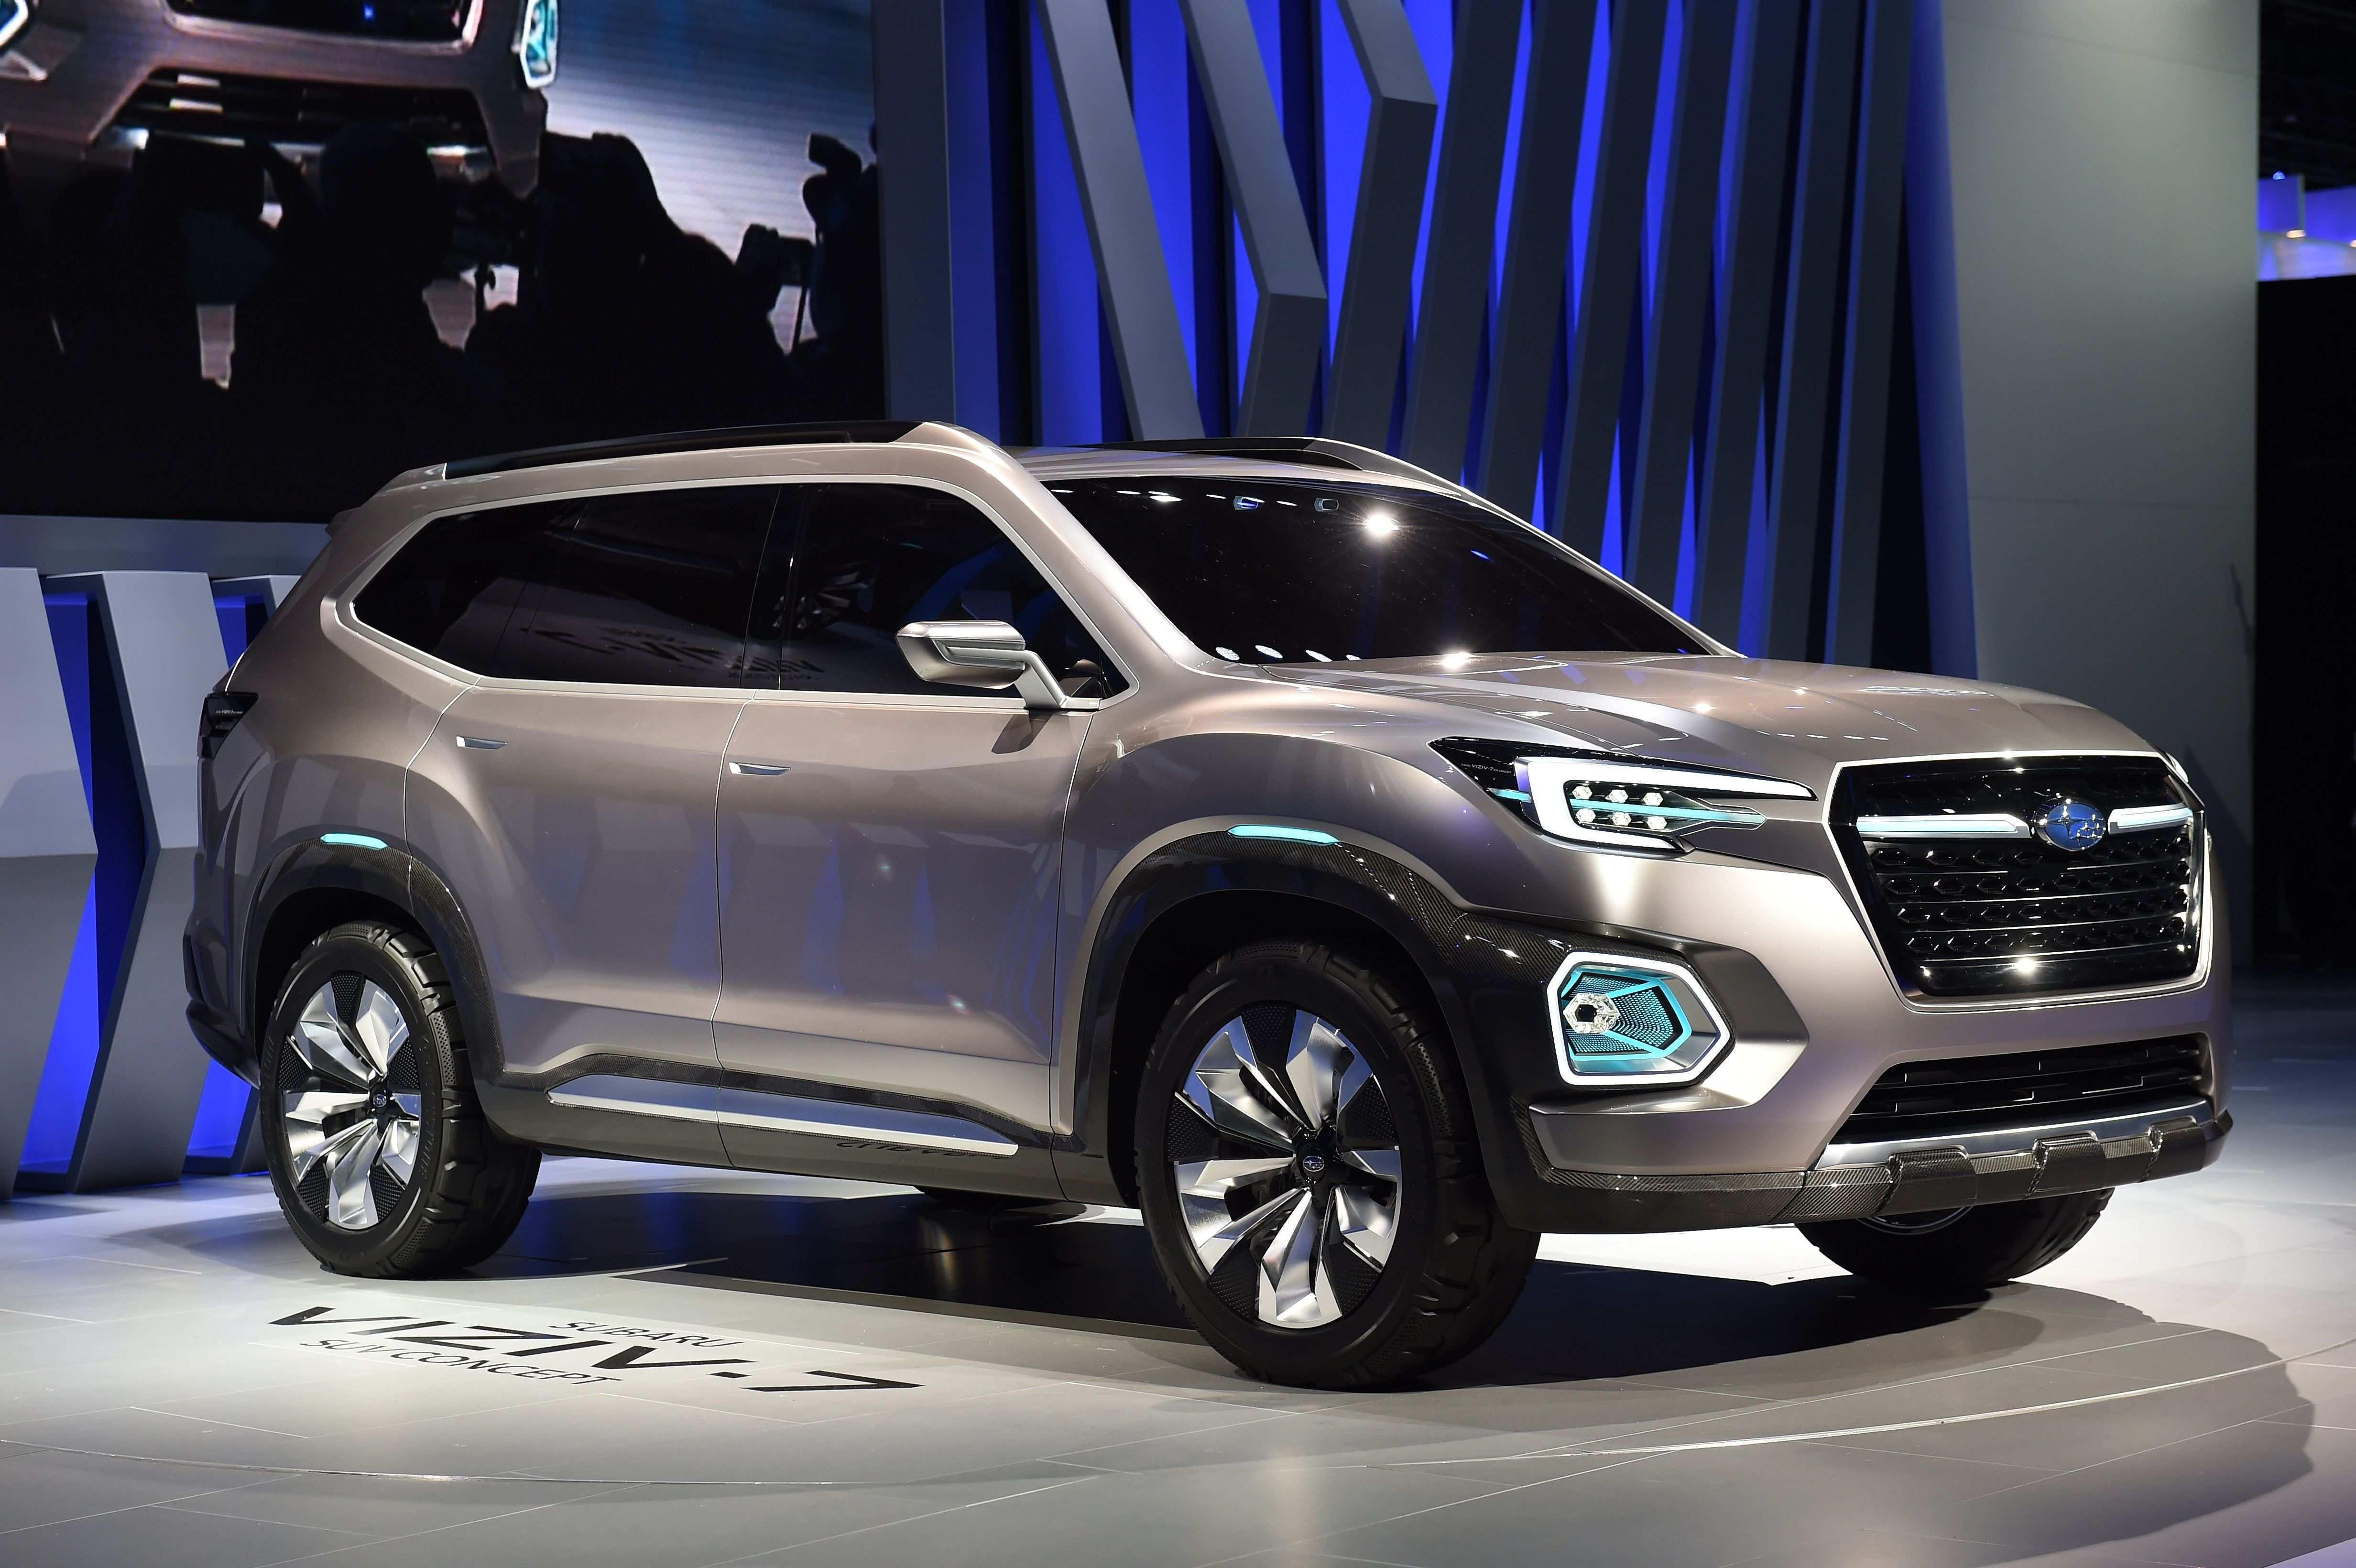 78 All New 2020 Subaru Suv Rumors by 2020 Subaru Suv